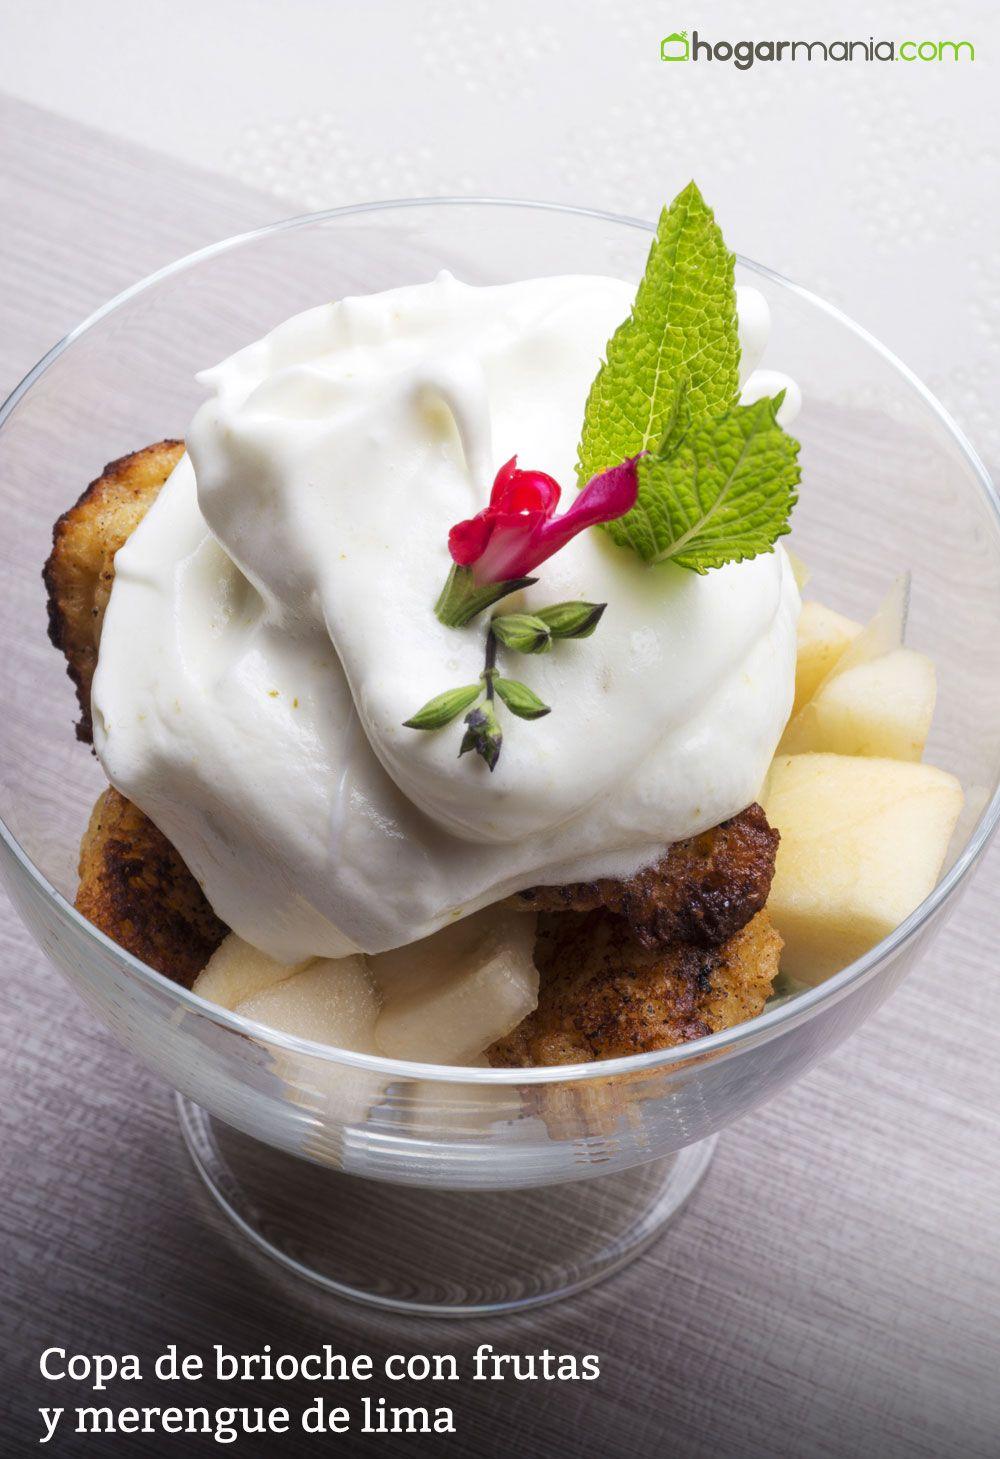 Copa de brioche con frutas y merengue de lima